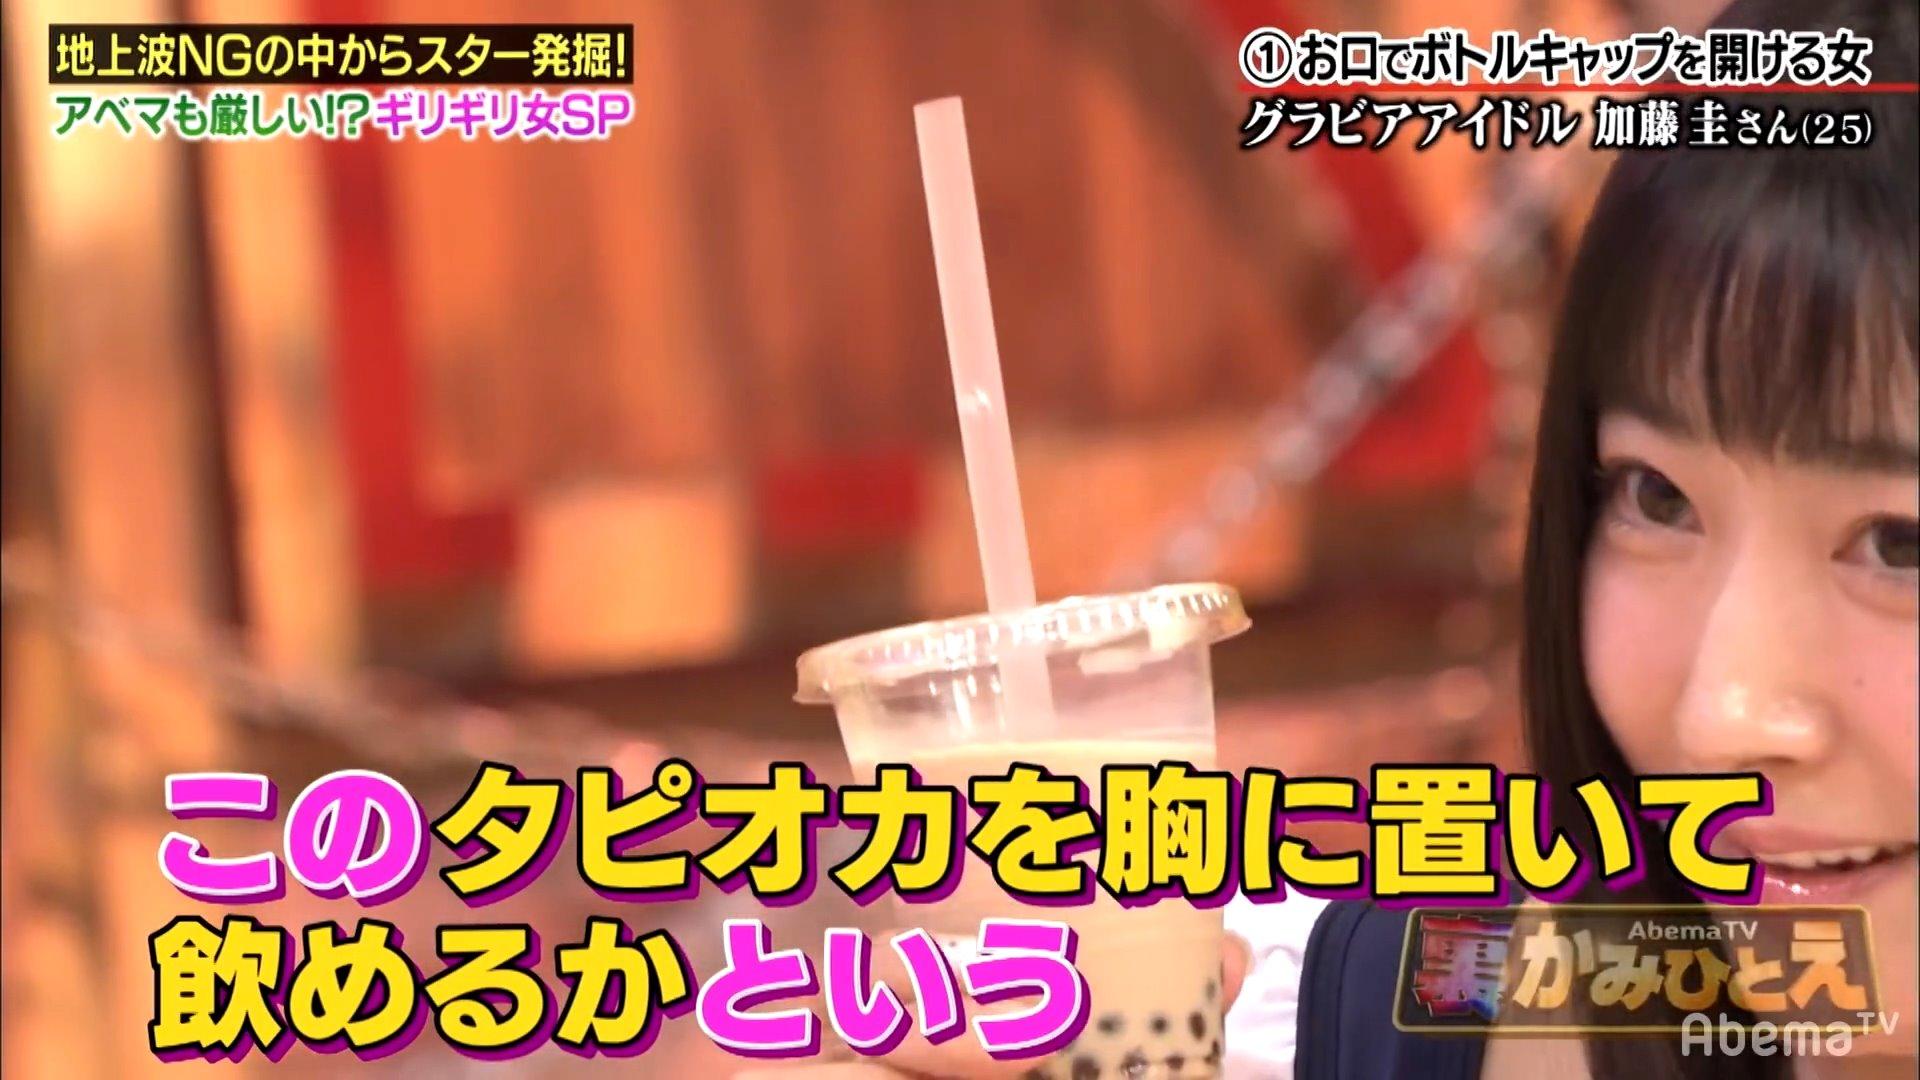 加藤圭の疑似フェラ (6)